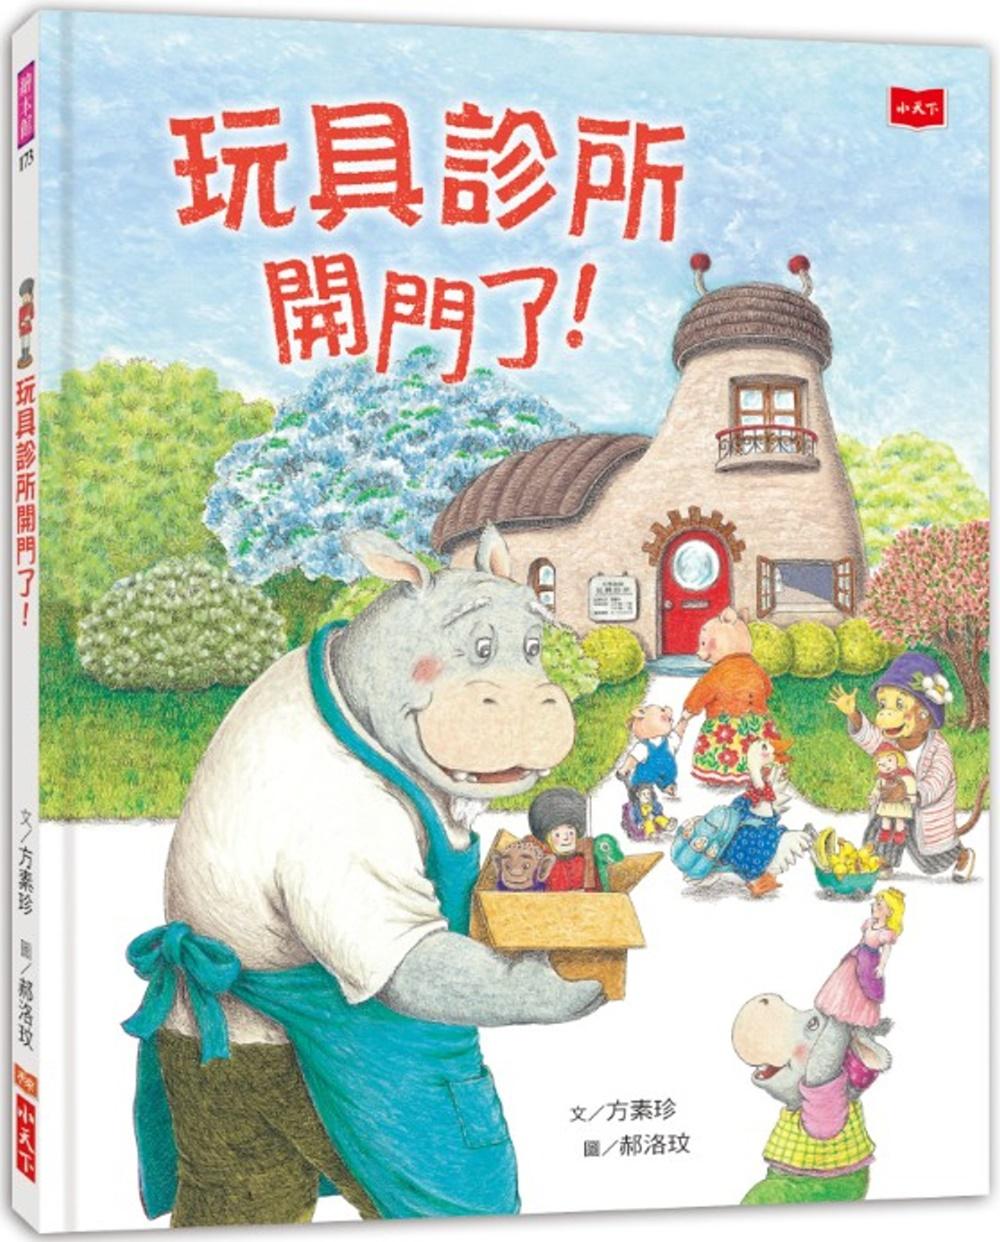 《玩具診所開門了!》 商品條碼,ISBN:9789864793440